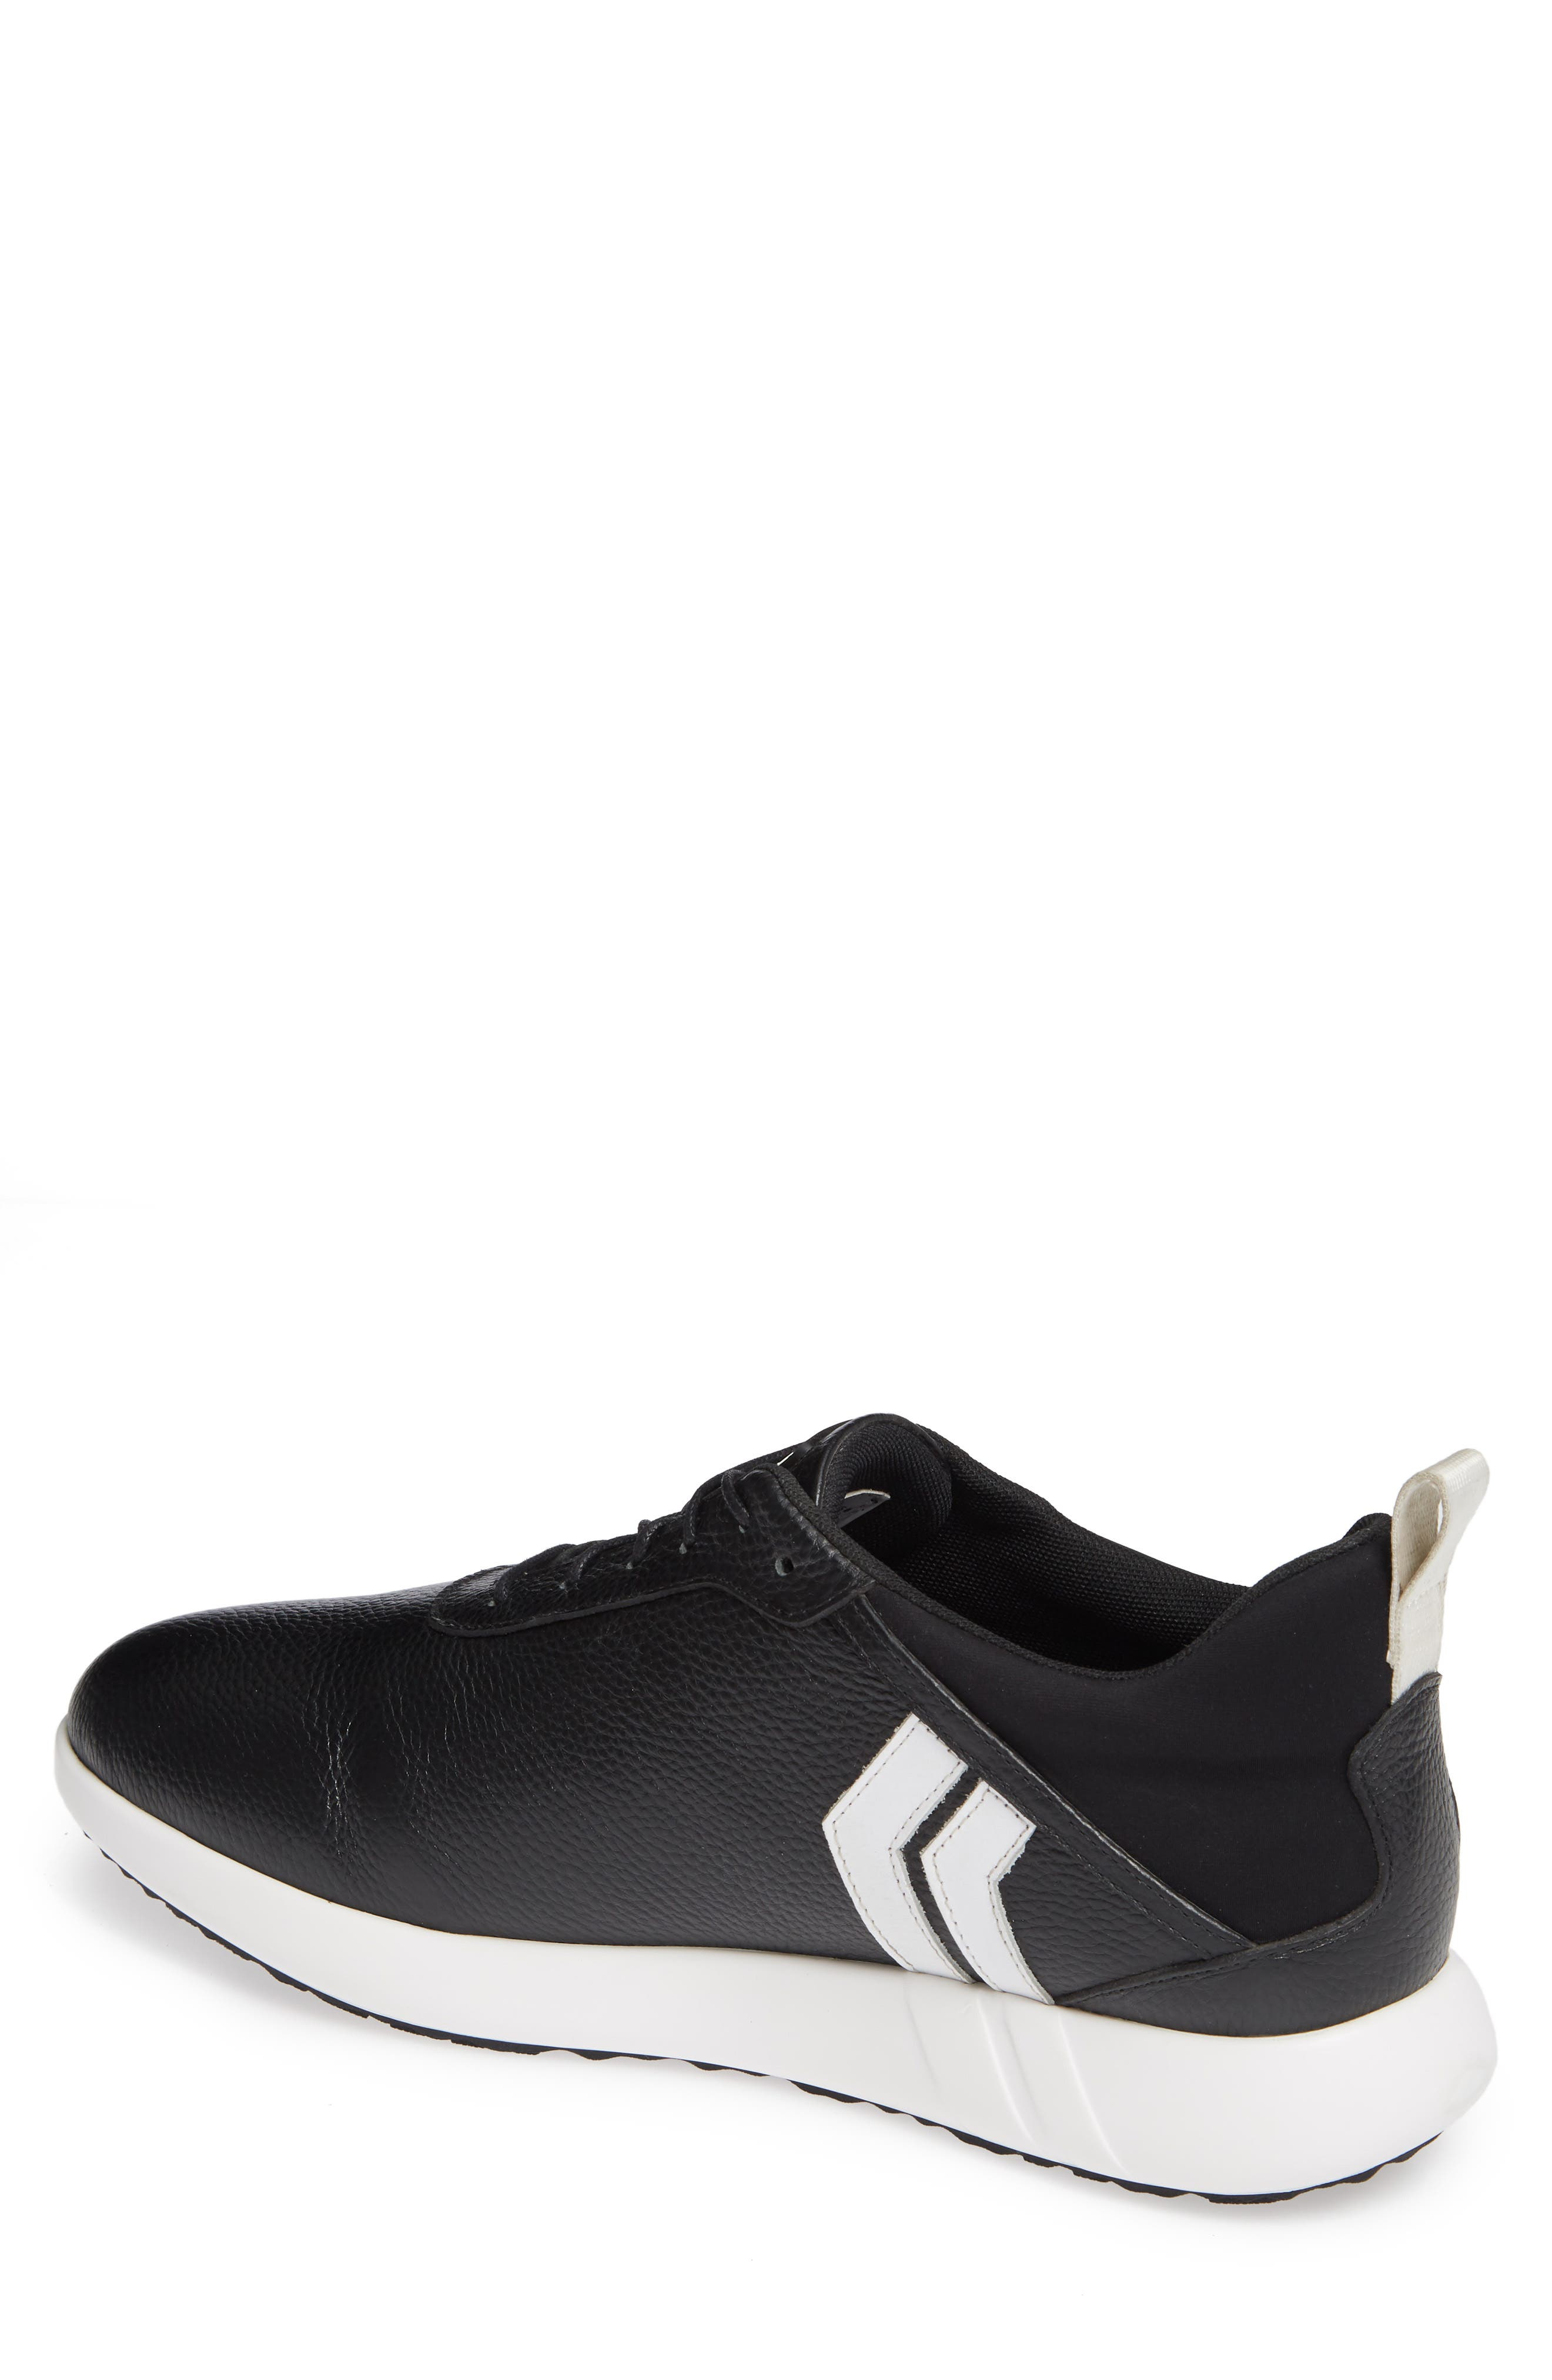 Flyer Sneaker,                             Alternate thumbnail 2, color,                             001